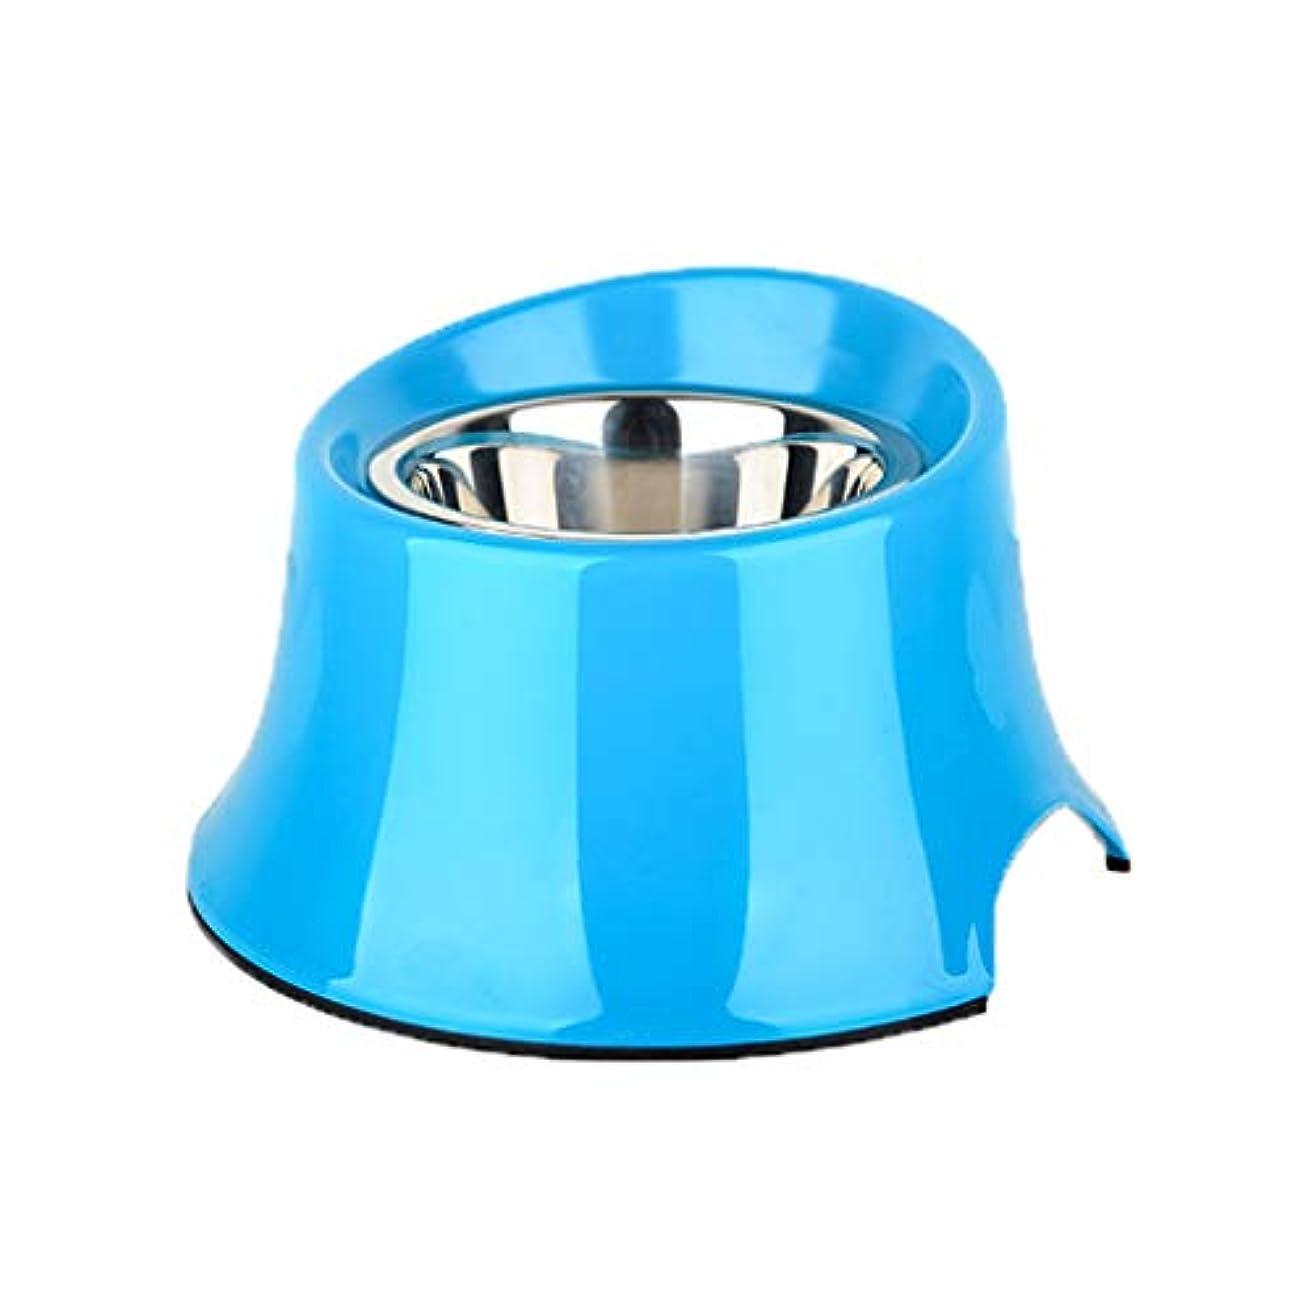 ペットボウル - しずく、こぼれ防止、滑り止め - 水、犬、子犬、猫、そして小型または大型の犬に最適の食品 (色 : 青, サイズ さいず : S s)